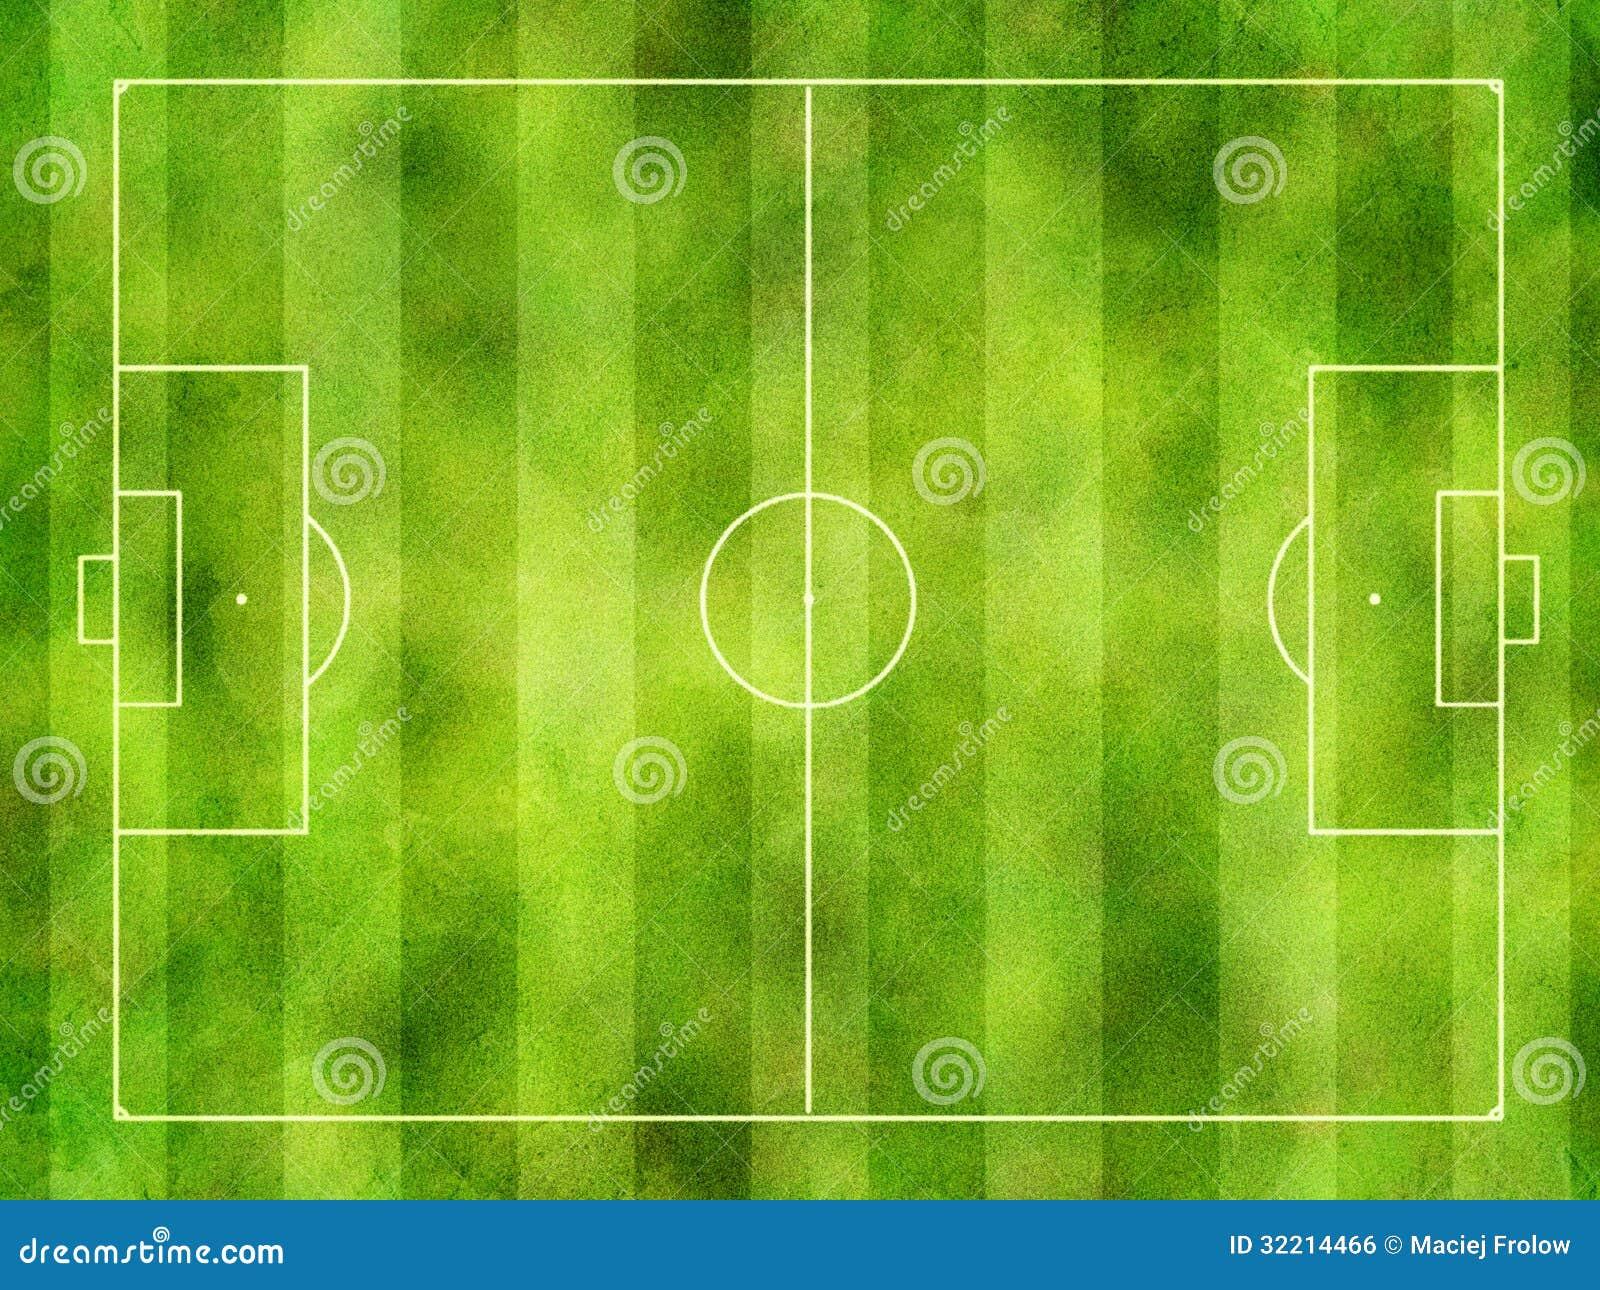 Passo di calcio